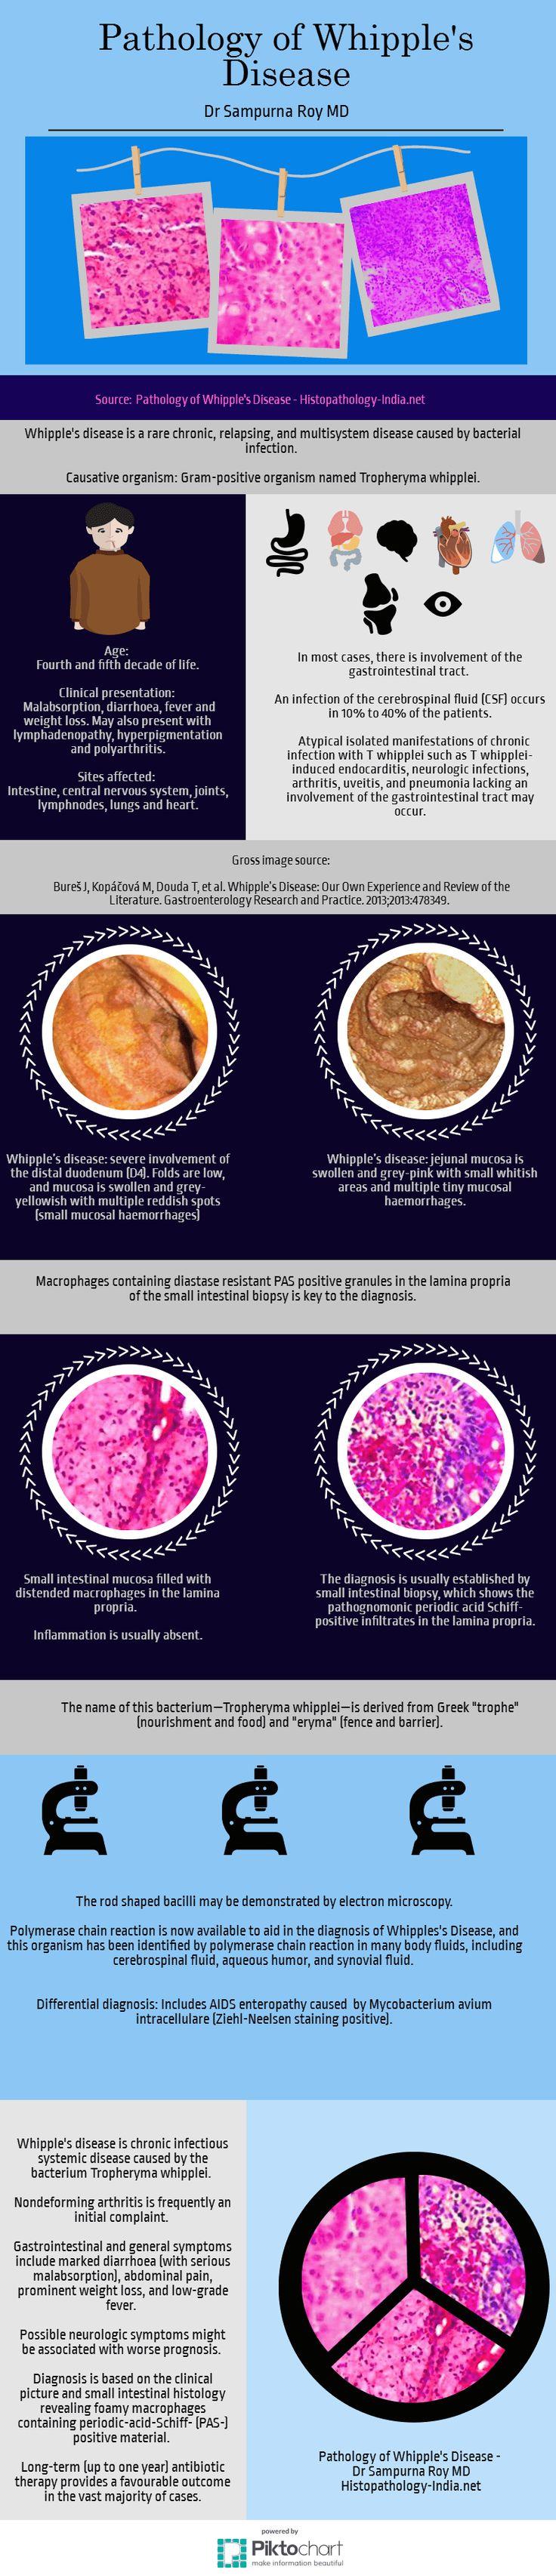 Whipple's Disease [Pathology Infographic] - #Gastrointestinal #Pathology